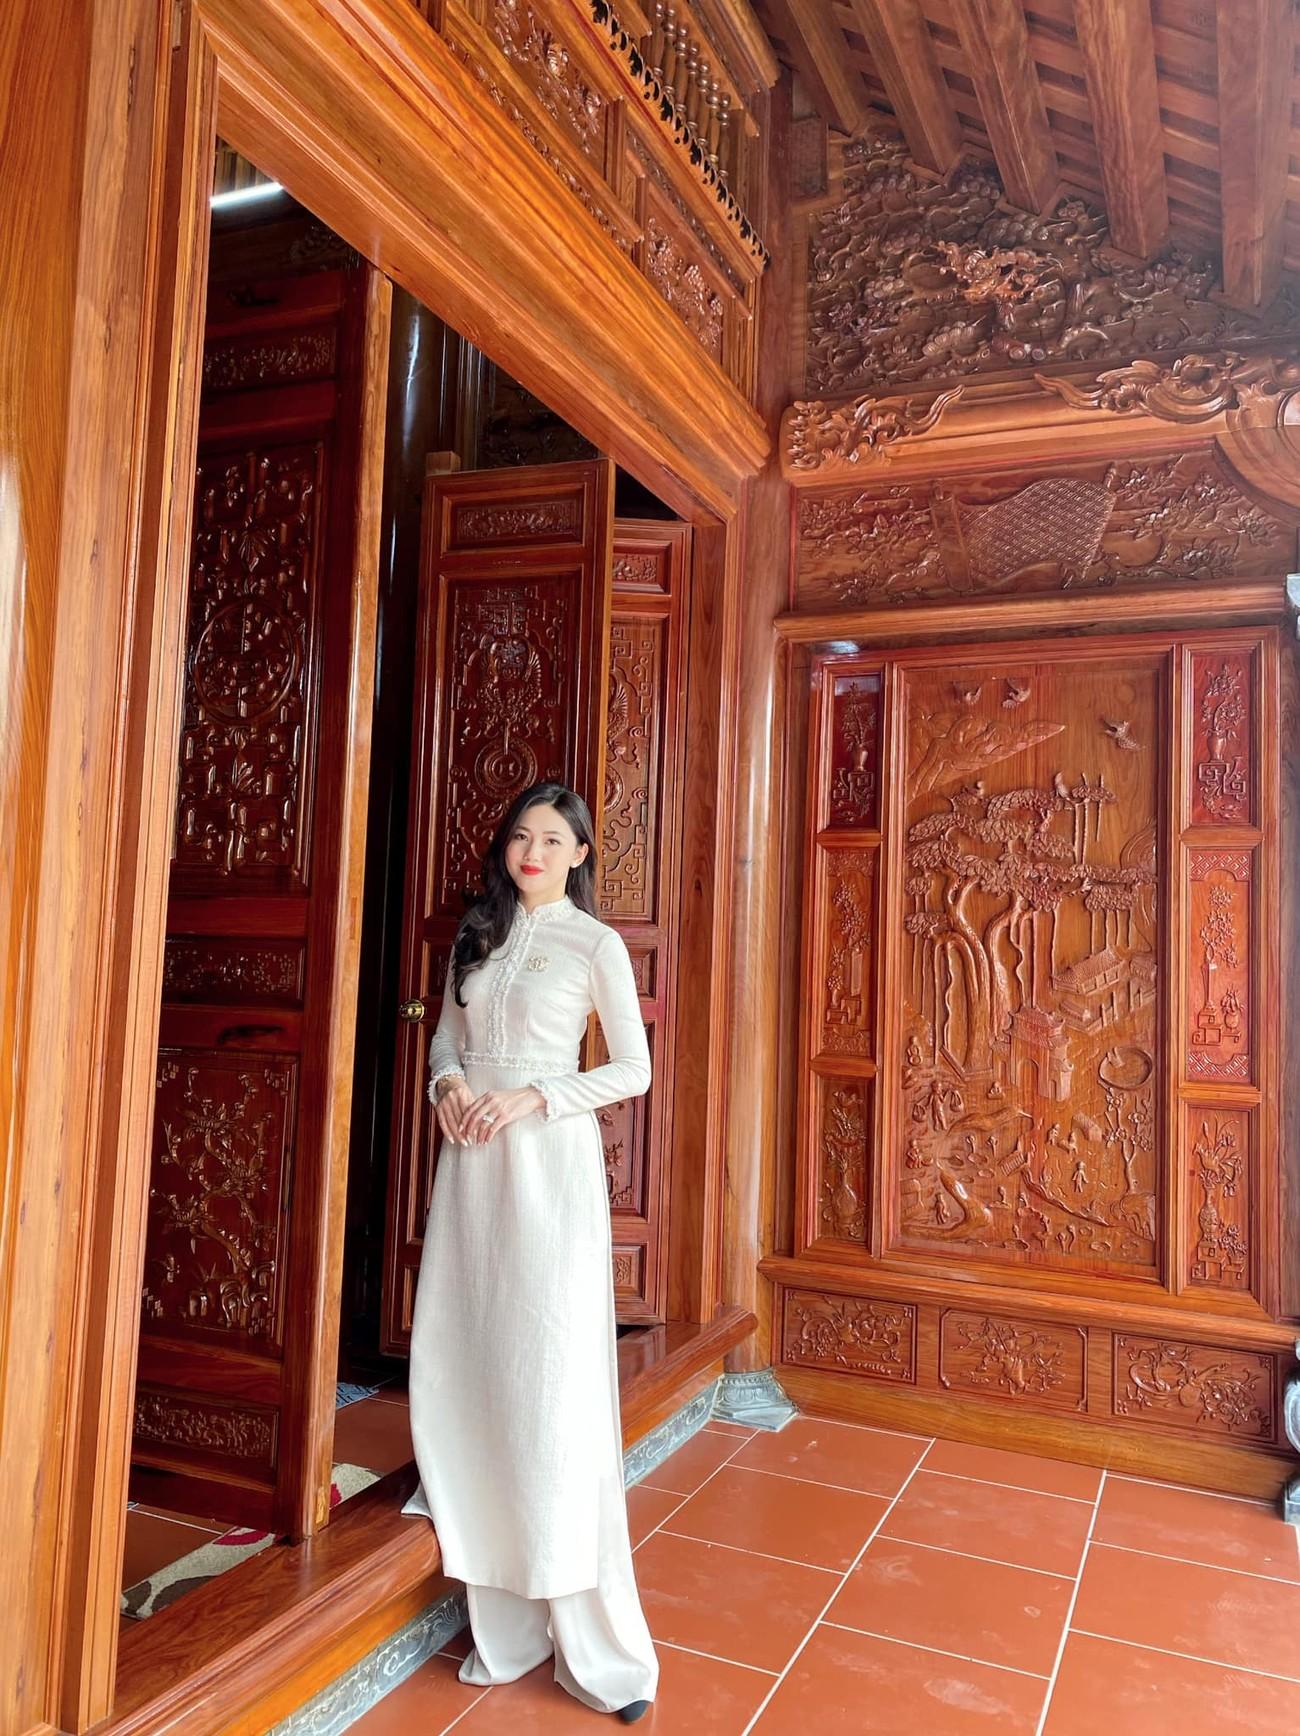 Hoa hậu Tiểu Vy khoe ảnh mẹ diện áo dài ngày mùng 1 Tết, fans trầm trồ vì nhan sắc trẻ đẹp ảnh 15